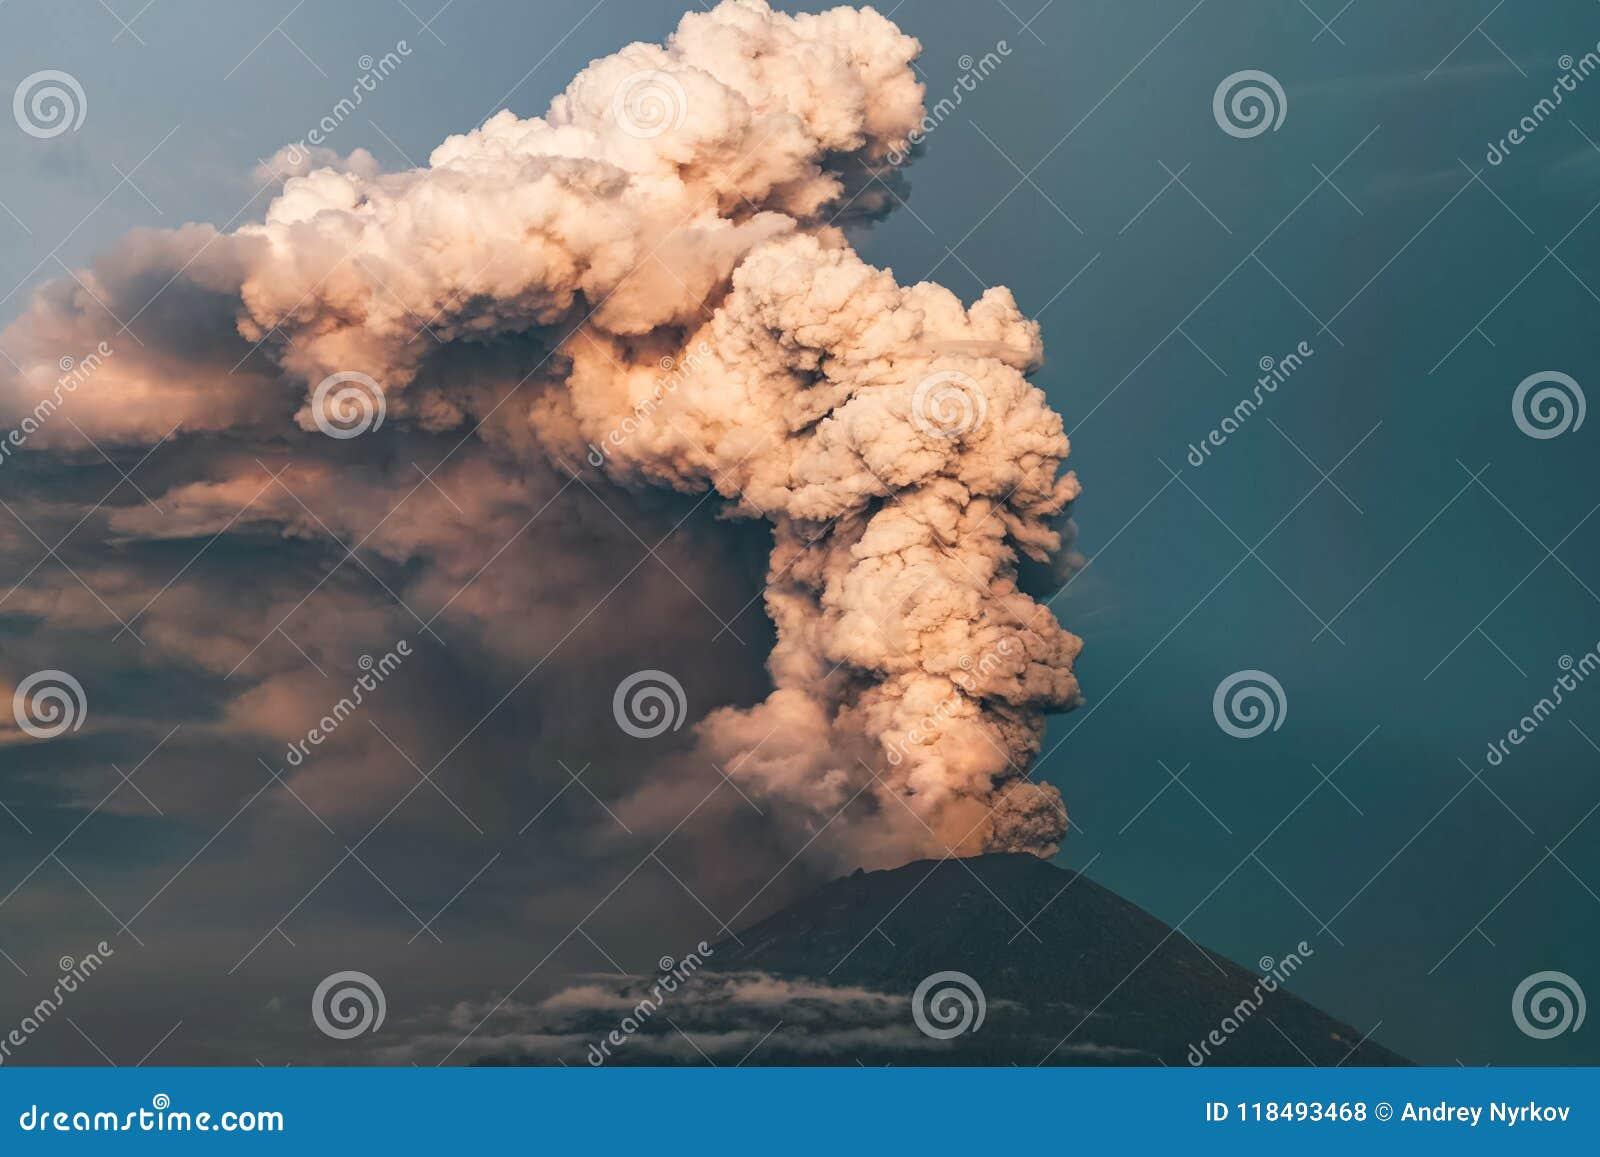 Erupción Clubs del humo y de la ceniza en la atmósfera